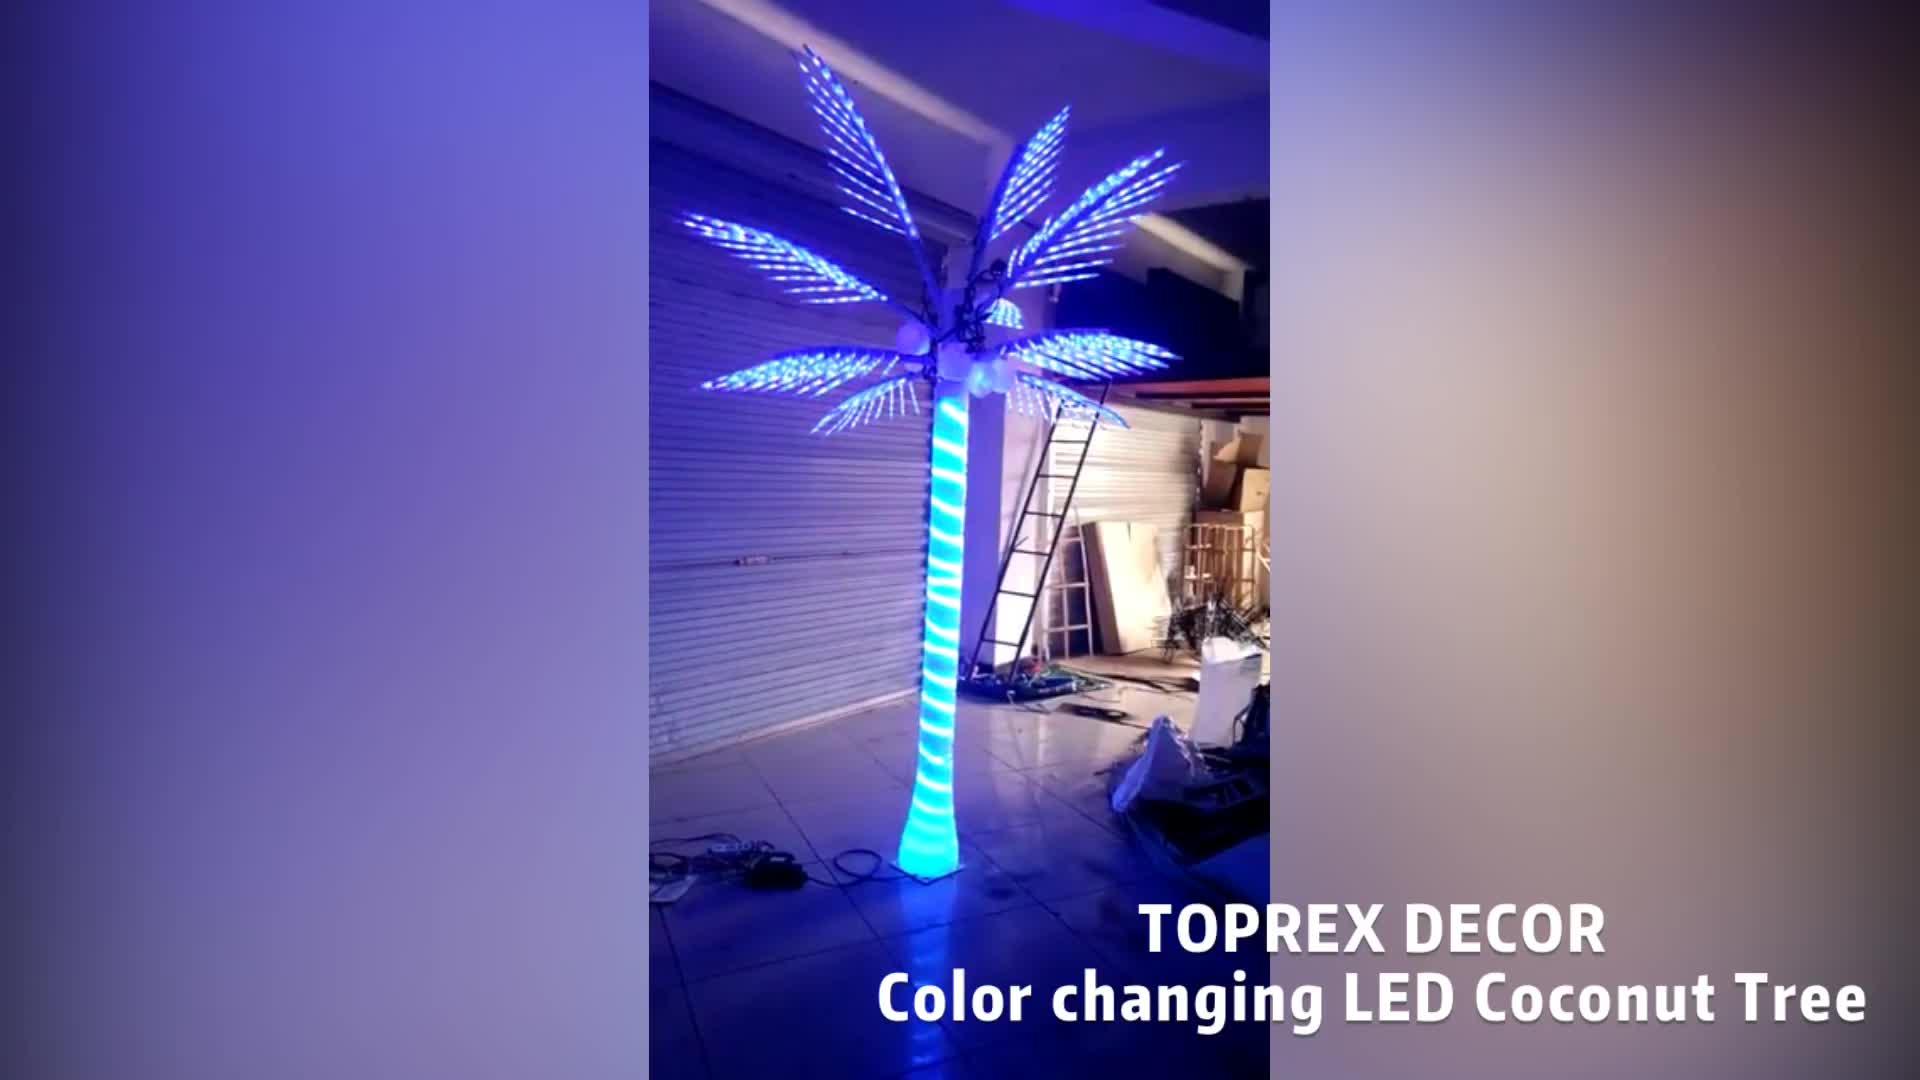 Toprex Dekor led noel yapay led hindistan cevizi palmiye ağacı ışık